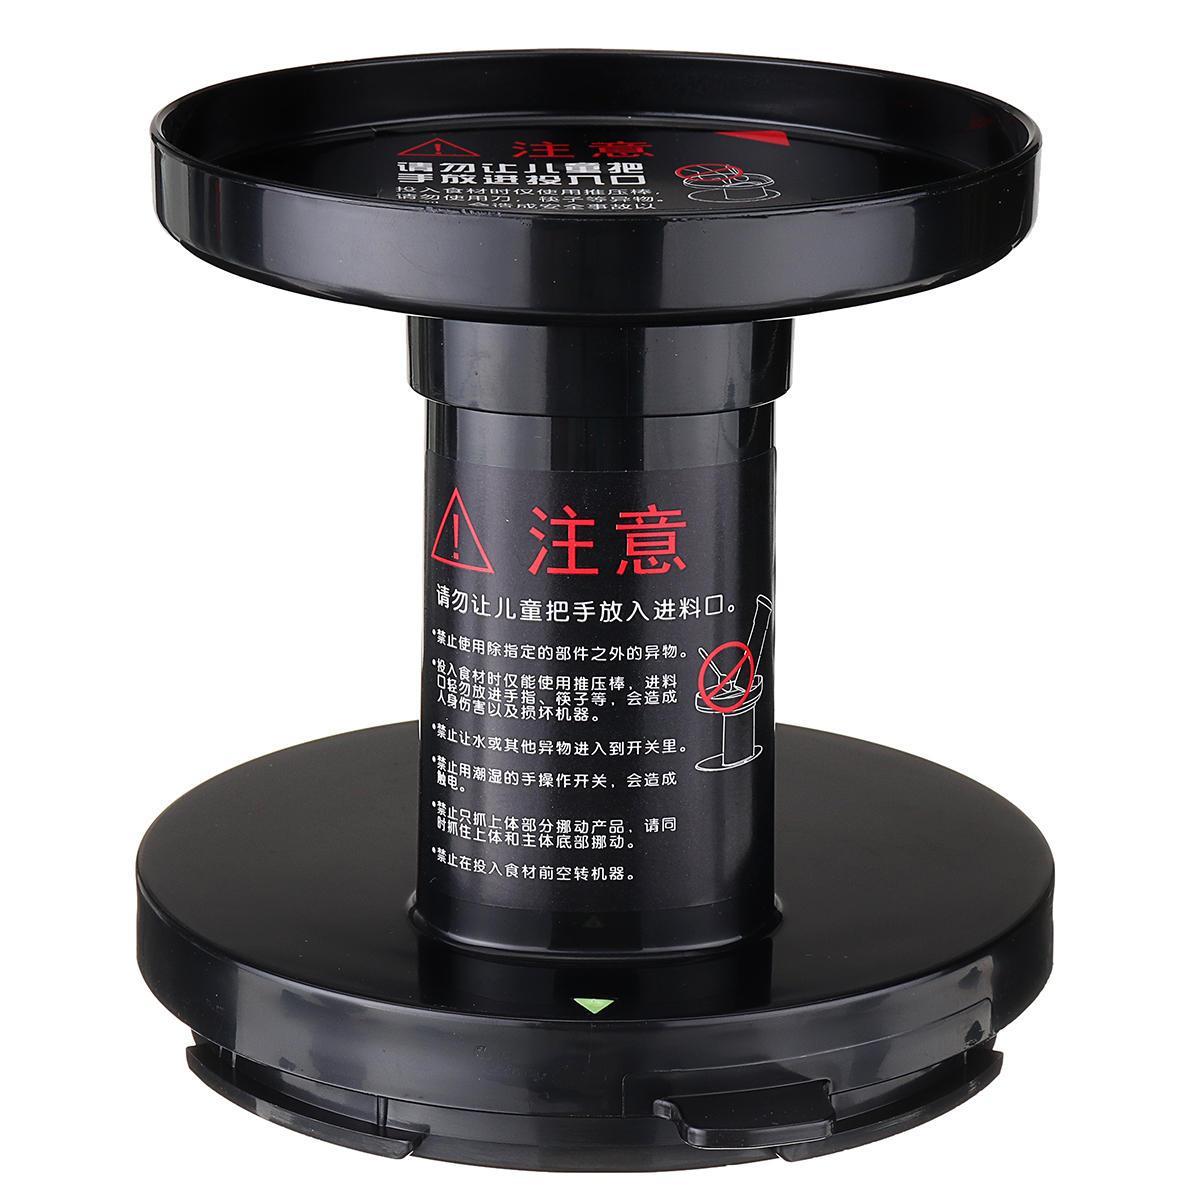 Ống nạp hoa quả máy ép SAVTM JE07 phụ kiện thay thế theo máy mới nguyên. Linh kiện khay nạp cài nắp chuẩn như hình lắp vừa ngay.